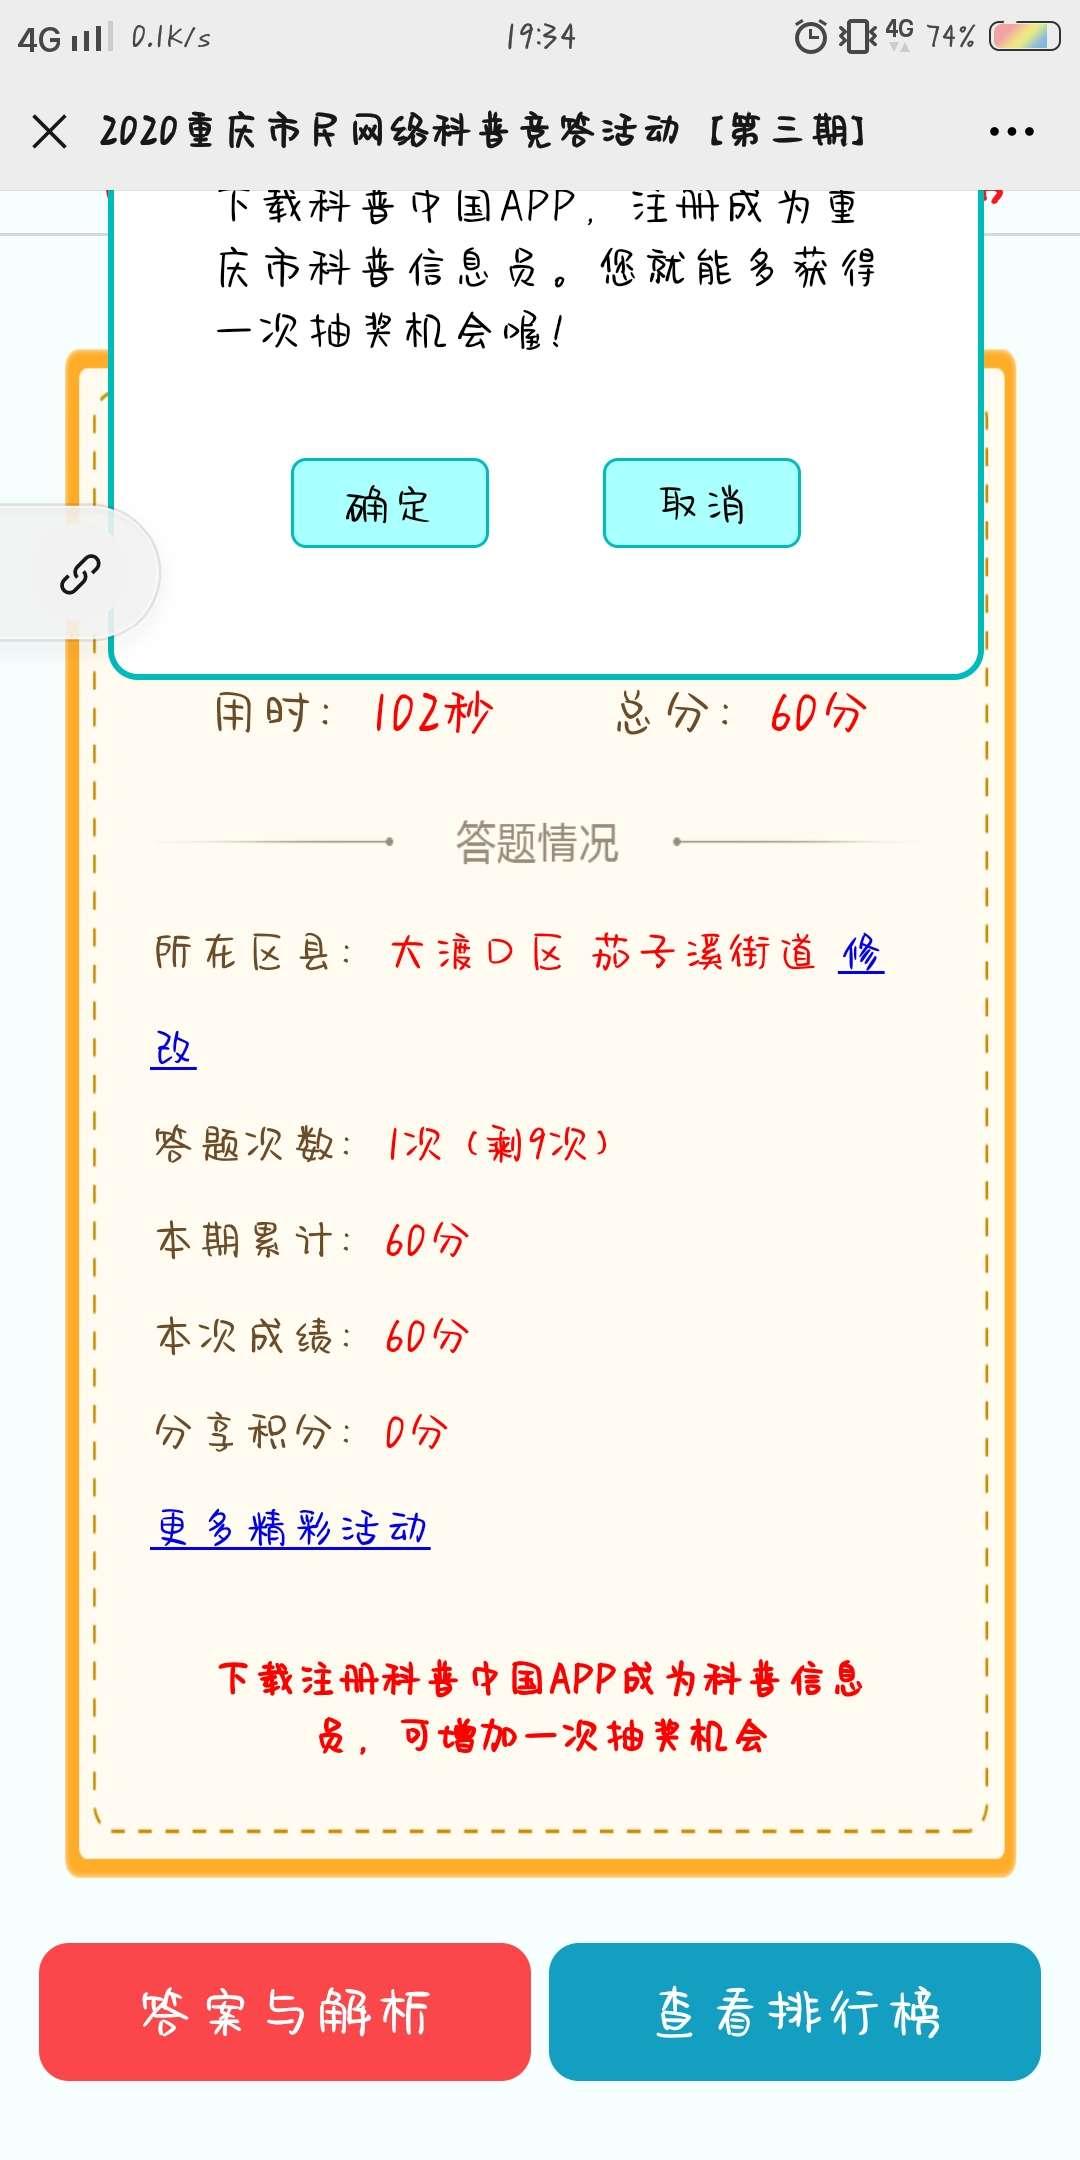 科普重庆公众号答题抽微信红包  第4张